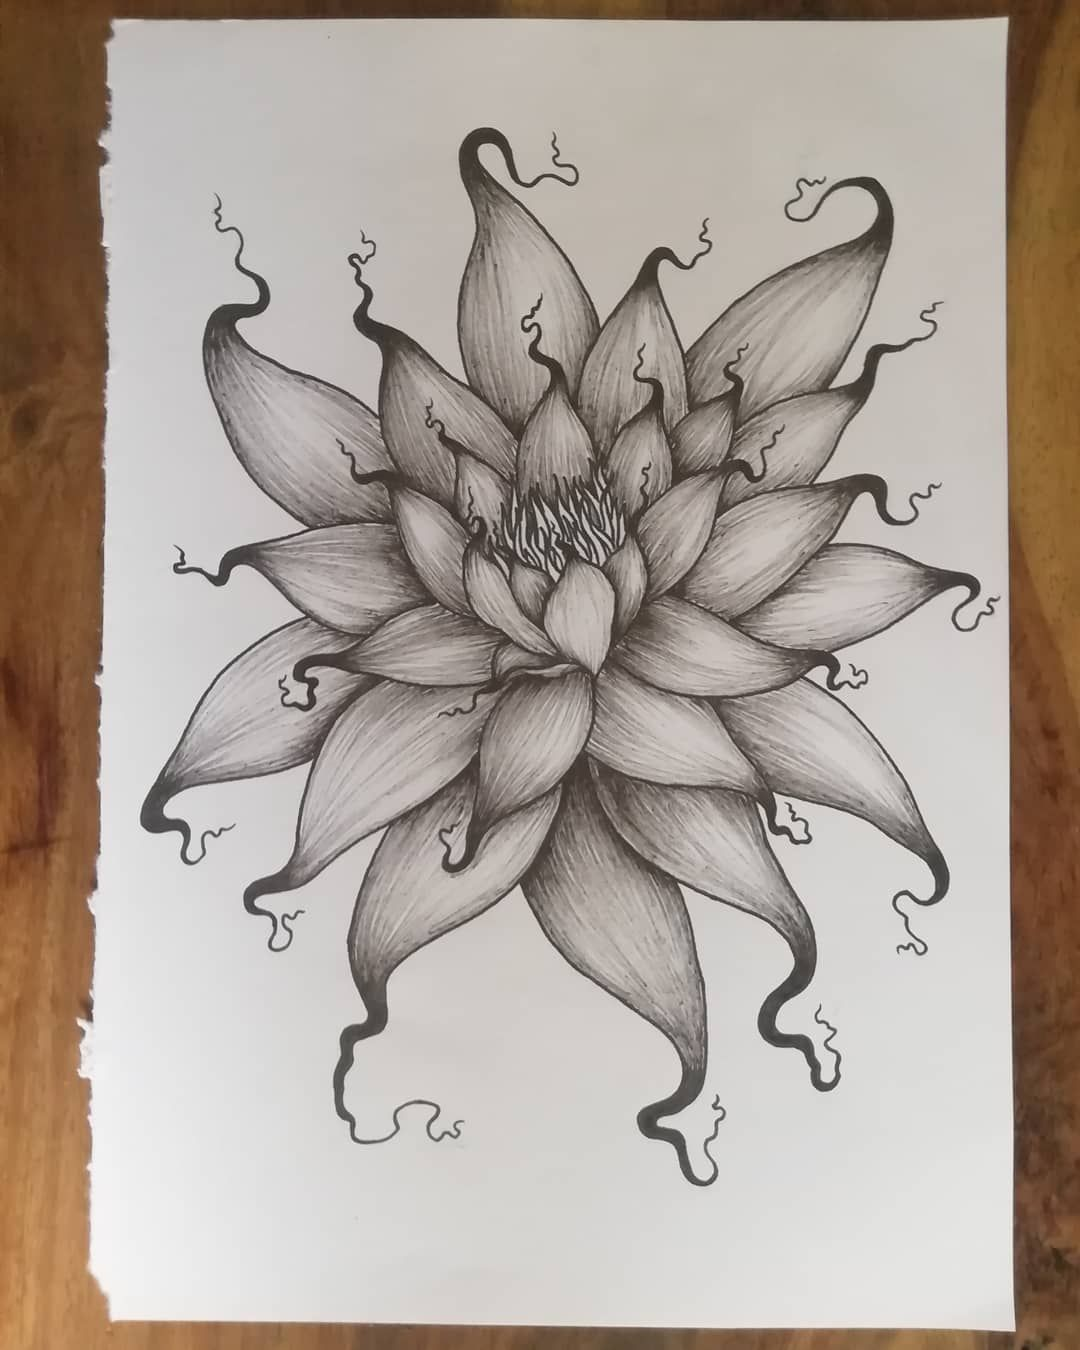 Fiore Di Loto Tattoo Disegno.Tattoo Disegni Blackandwhite Biancoenero Blackmoon Lunanera